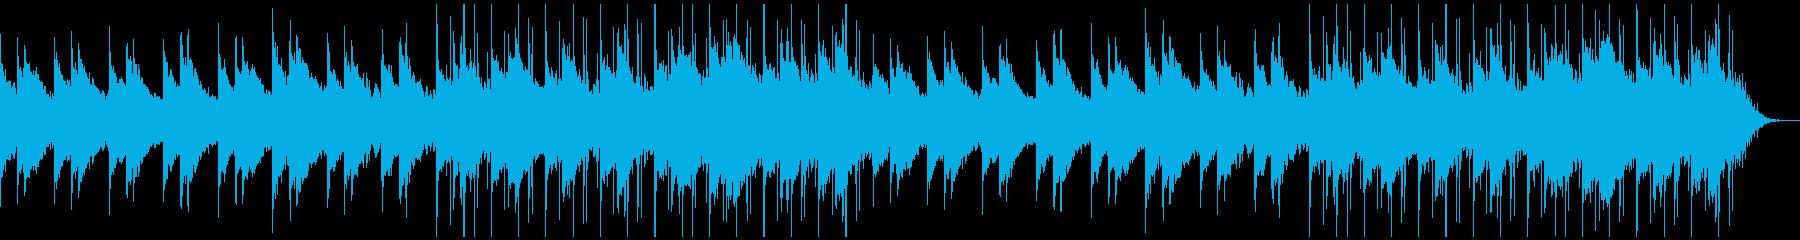 Piano Ambient 2の再生済みの波形